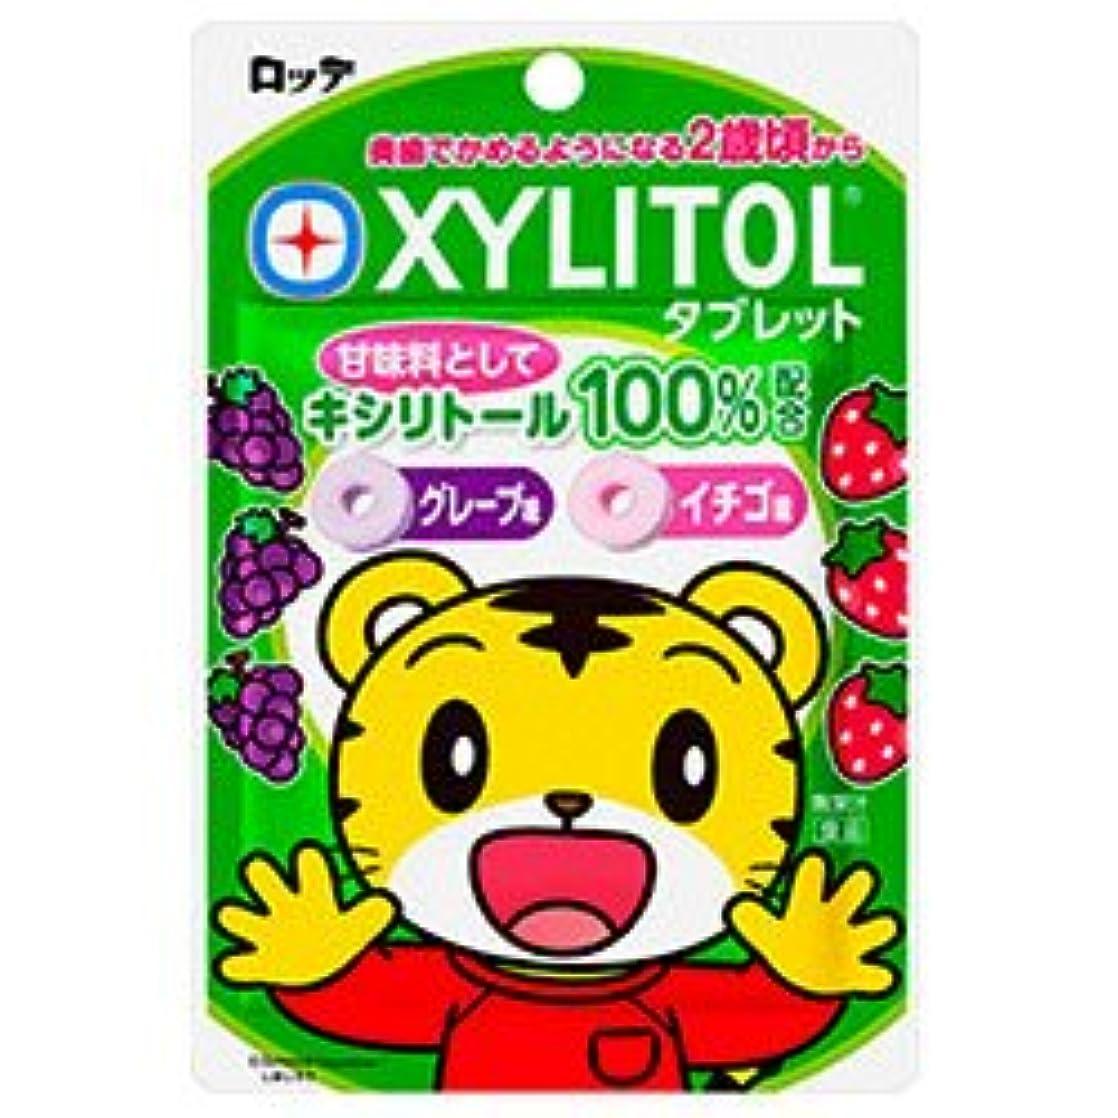 高めるブラジャーエキゾチックロッテ キシリトールタブレット 30g×10袋入×(2ケース)